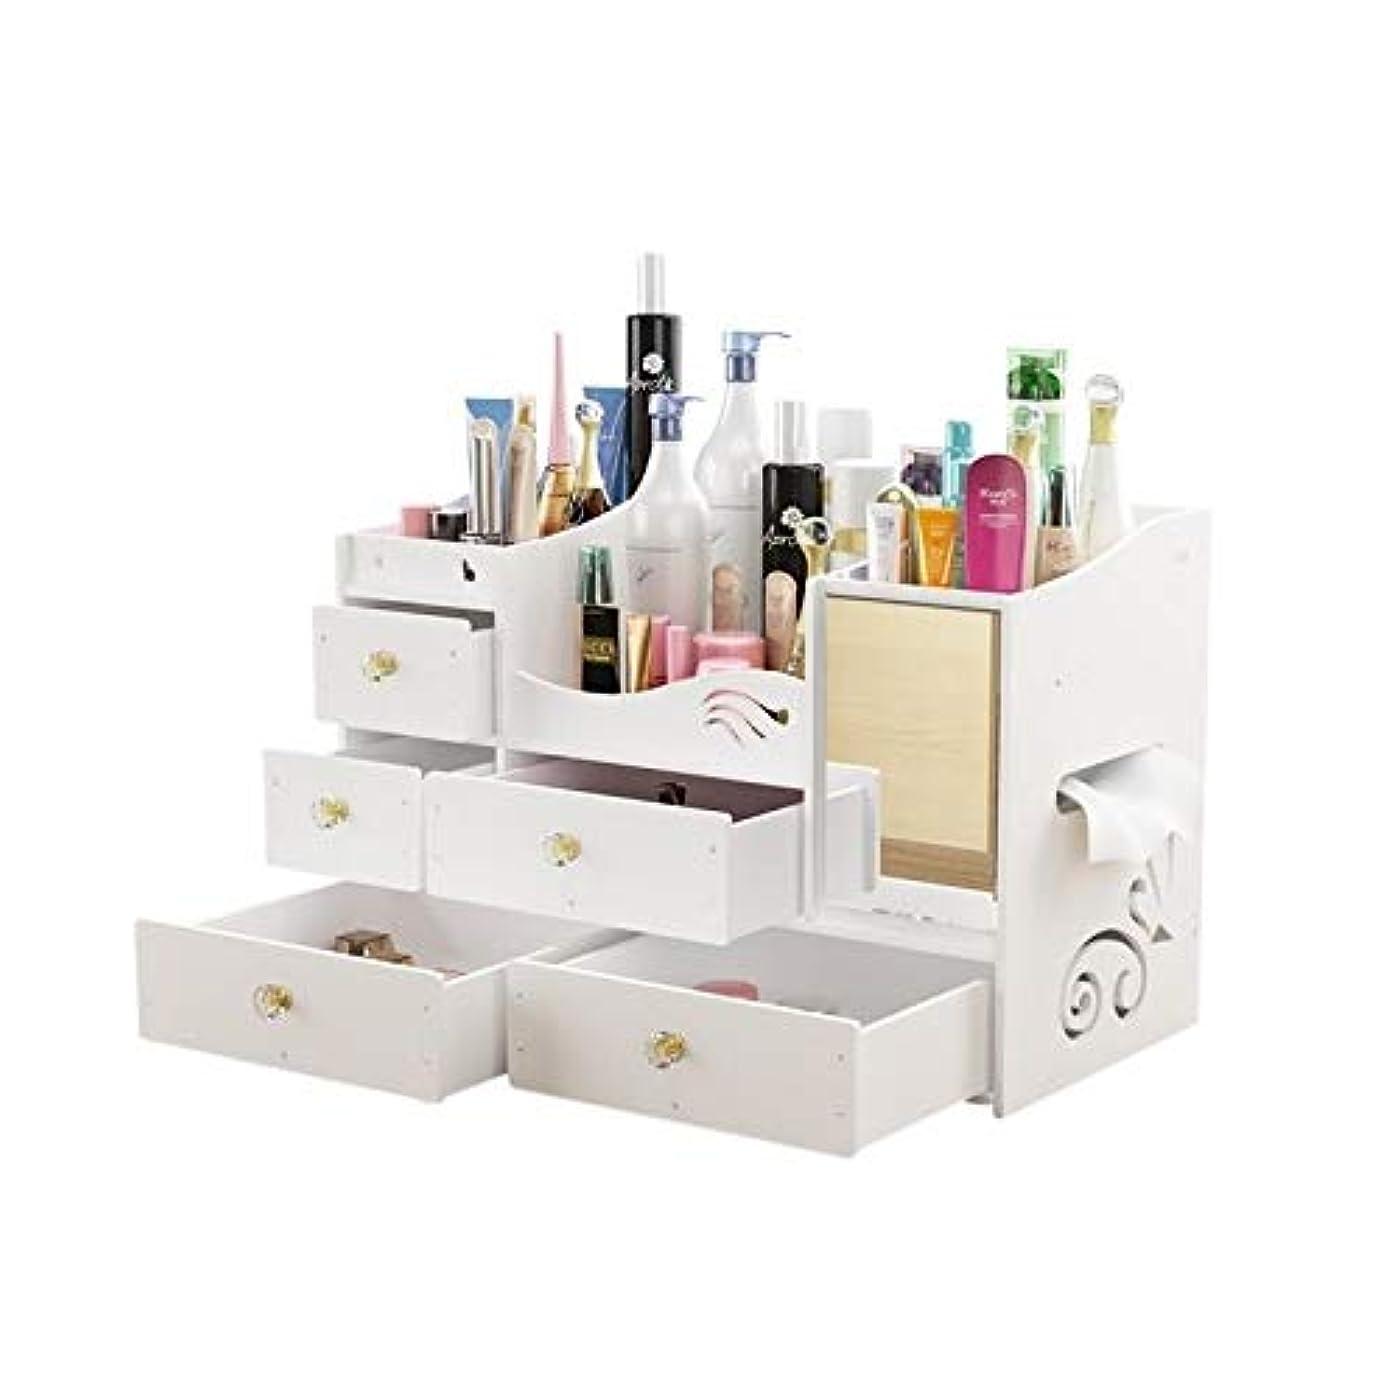 ウール教えて抑止するSTORAGE BOX PINGFUFF 化粧品収納ボックス、デスクトップ木製収納ボックス、ミラー付きDIY化粧品ケースミラー付きスキンケアラック